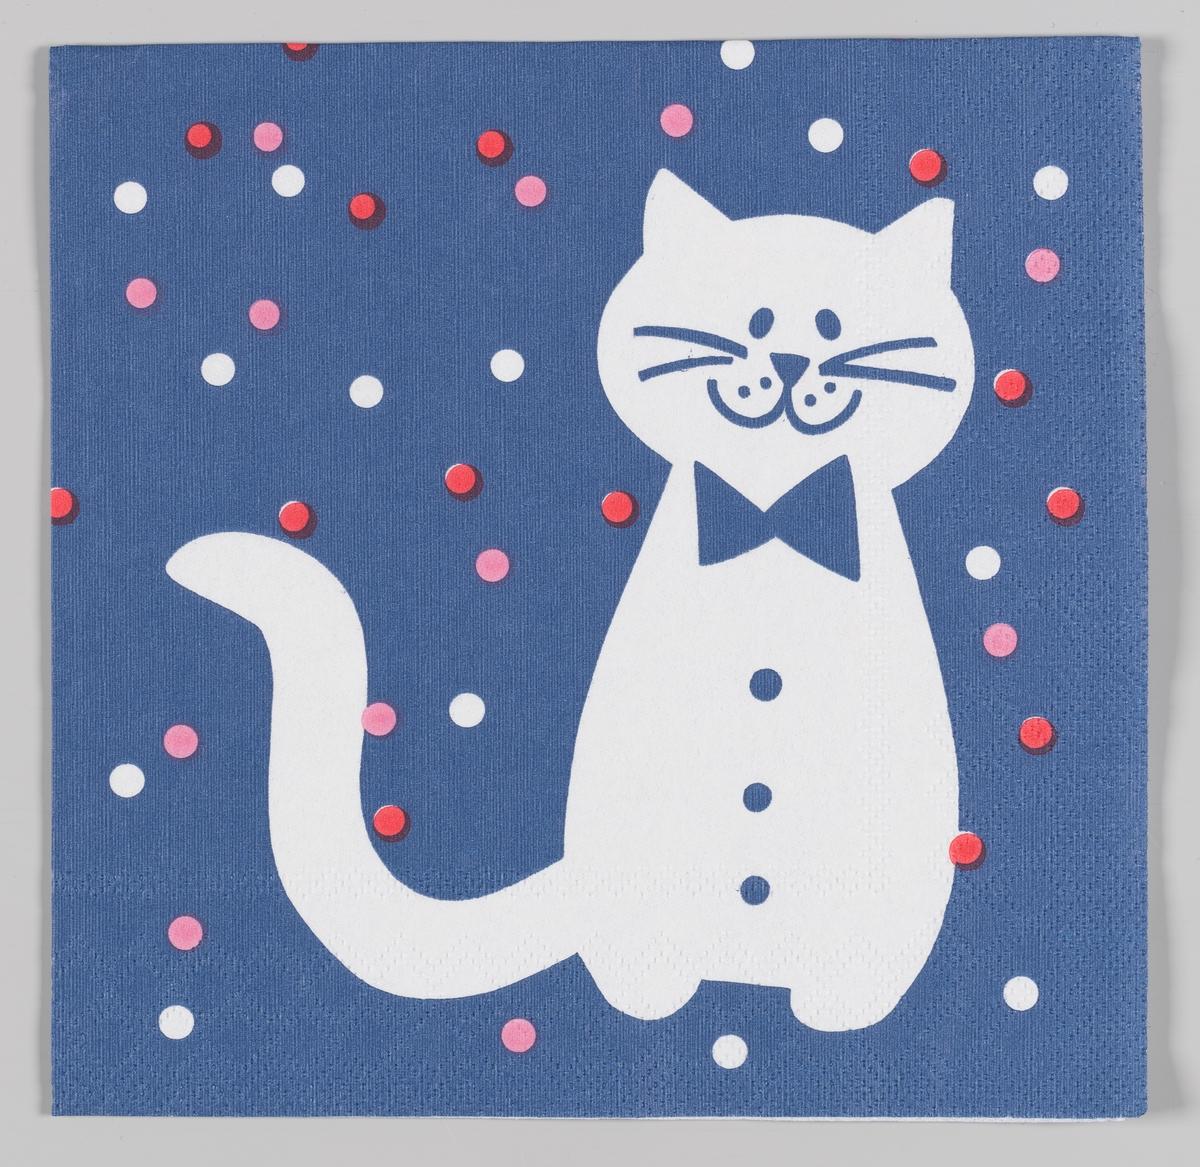 En katt med sløyfe på en blå bakgrunn med røde, rosa og hvite prikker.